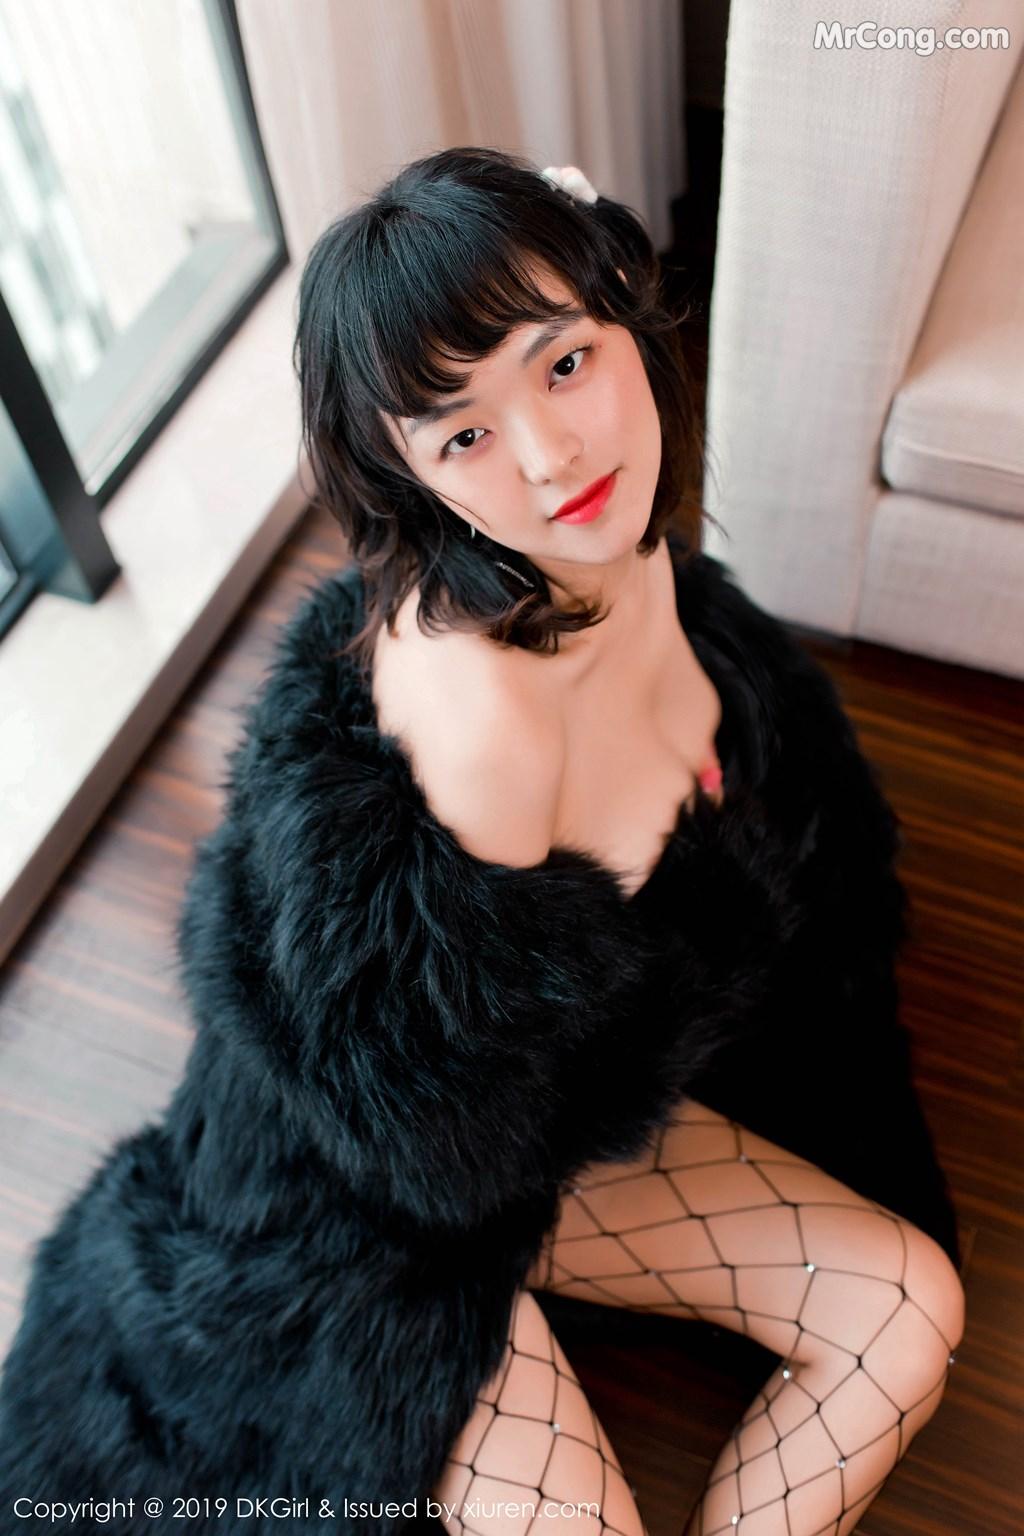 Image DKGirl-Vol.118-Zhang-Hua-Hua-MrCong.com-007 in post DKGirl Vol.118: Zhang Hua Hua (张花花) (51 ảnh)